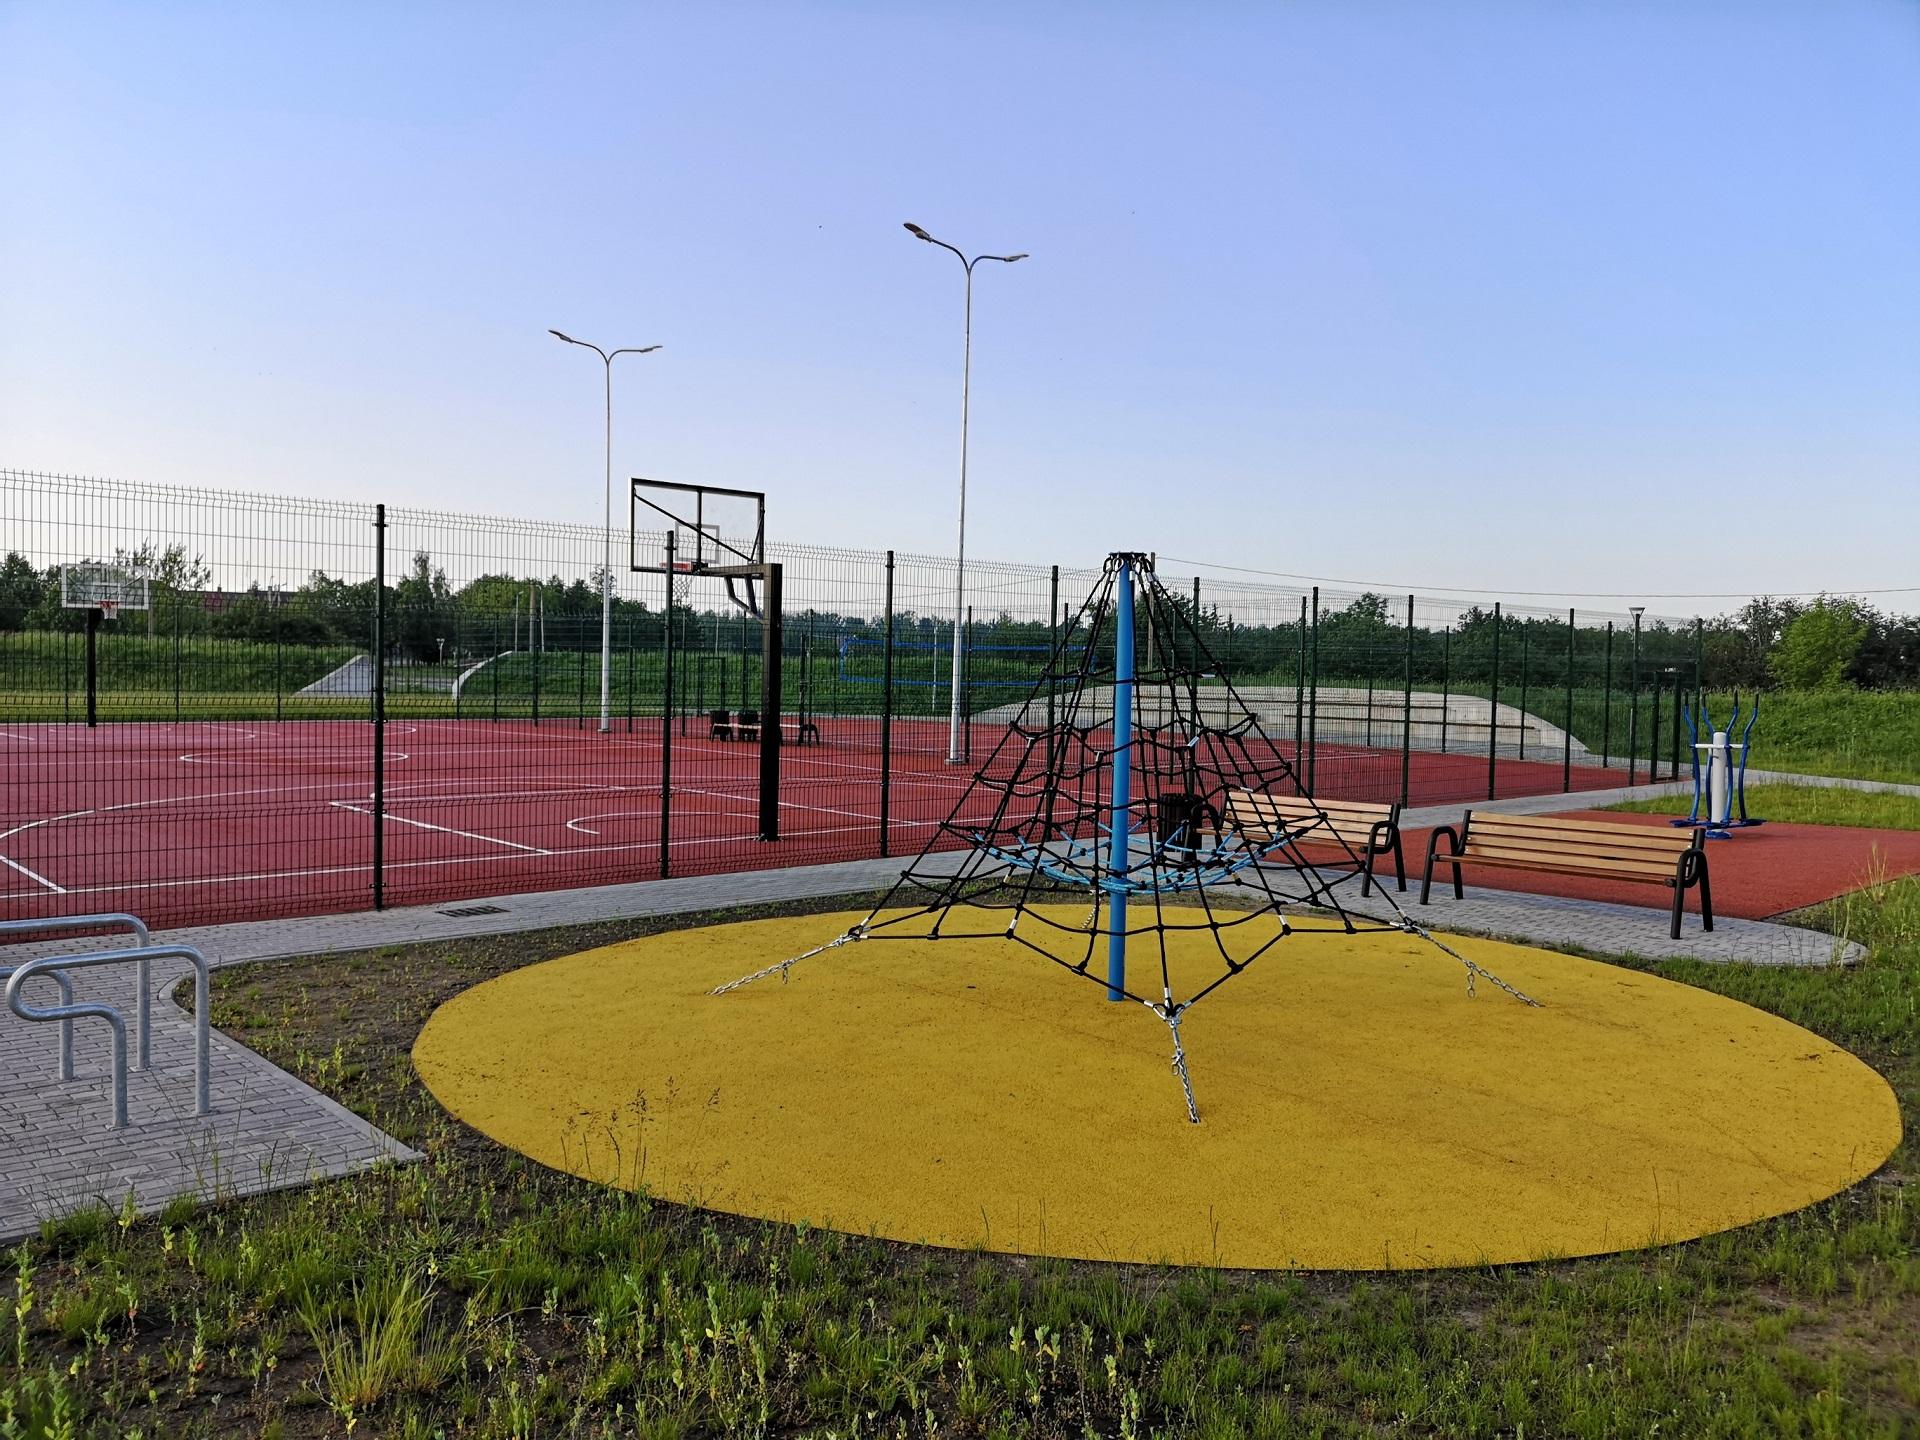 Pelėdnagių viešosios erdvės su šios gyvenvietės stadionu turėjo būti baigtos tvarkyti tik kitą savaitę, tačiau pelėdnagiškiai jau kelis mėnesius džiaugiasi anksčiau laiko pabaigtais darbais. Andriaus Kasparavičiaus nuotr.